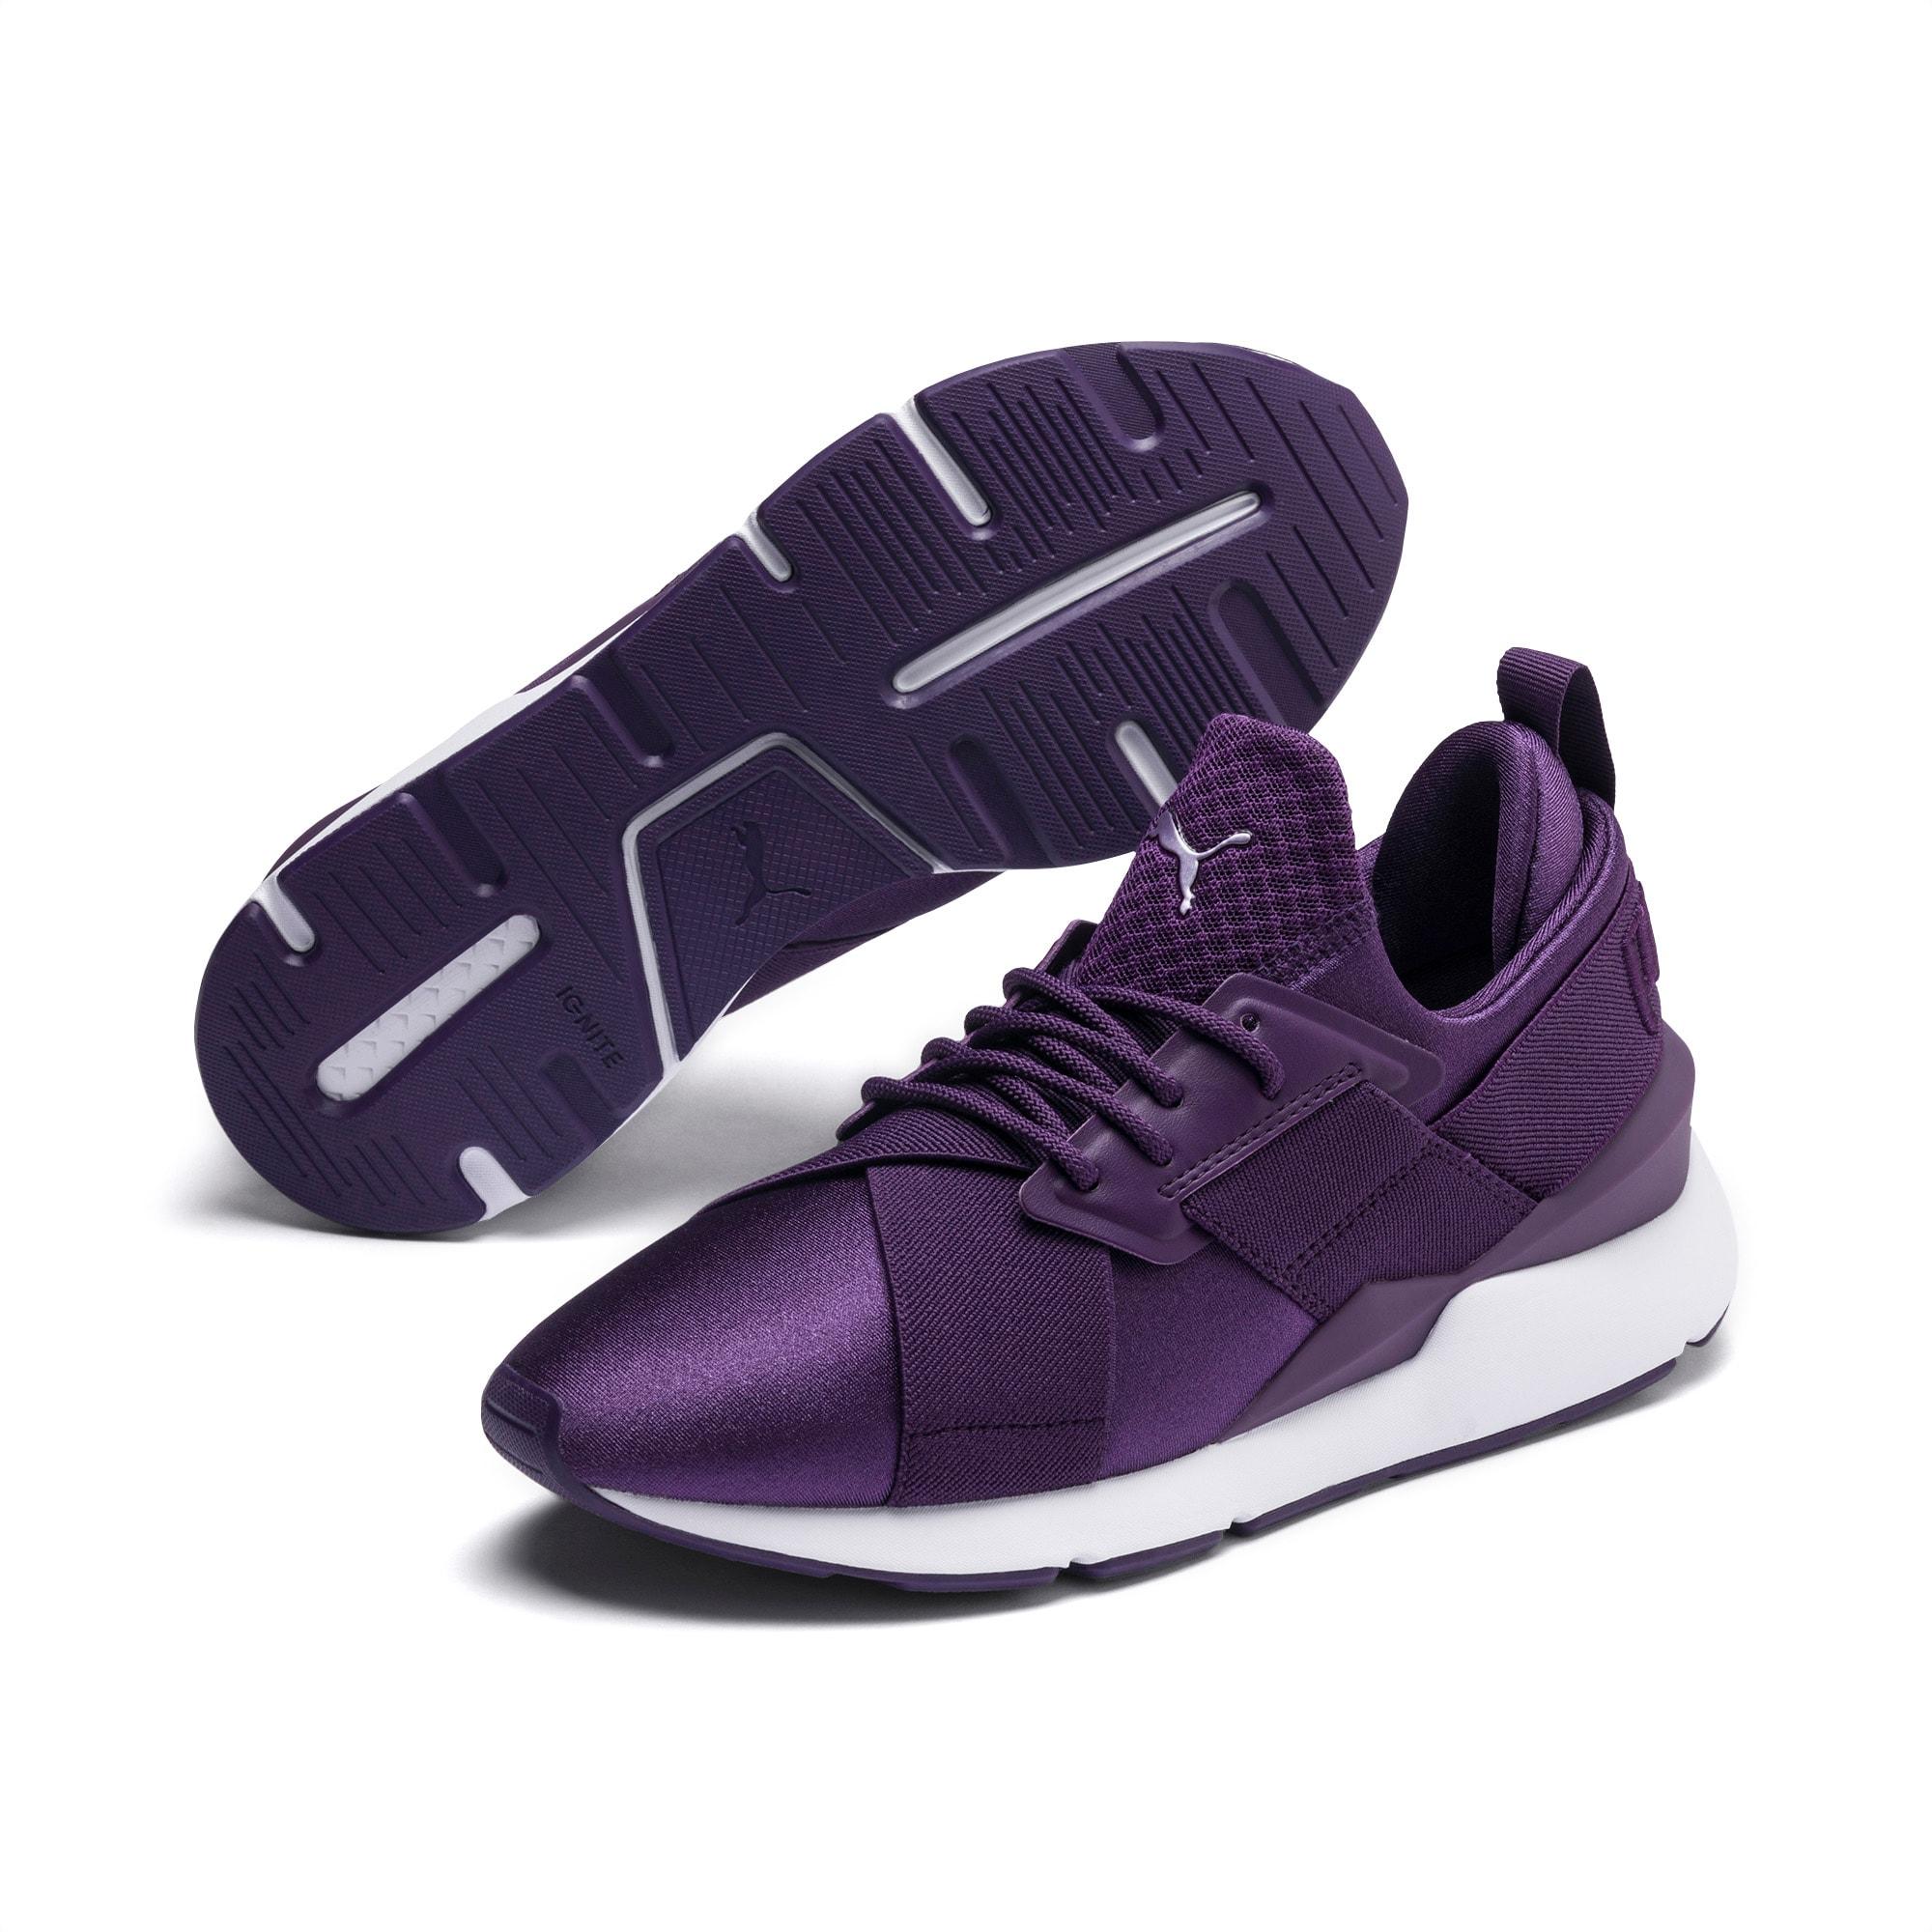 Damskie buty En Pointe Muse Satin